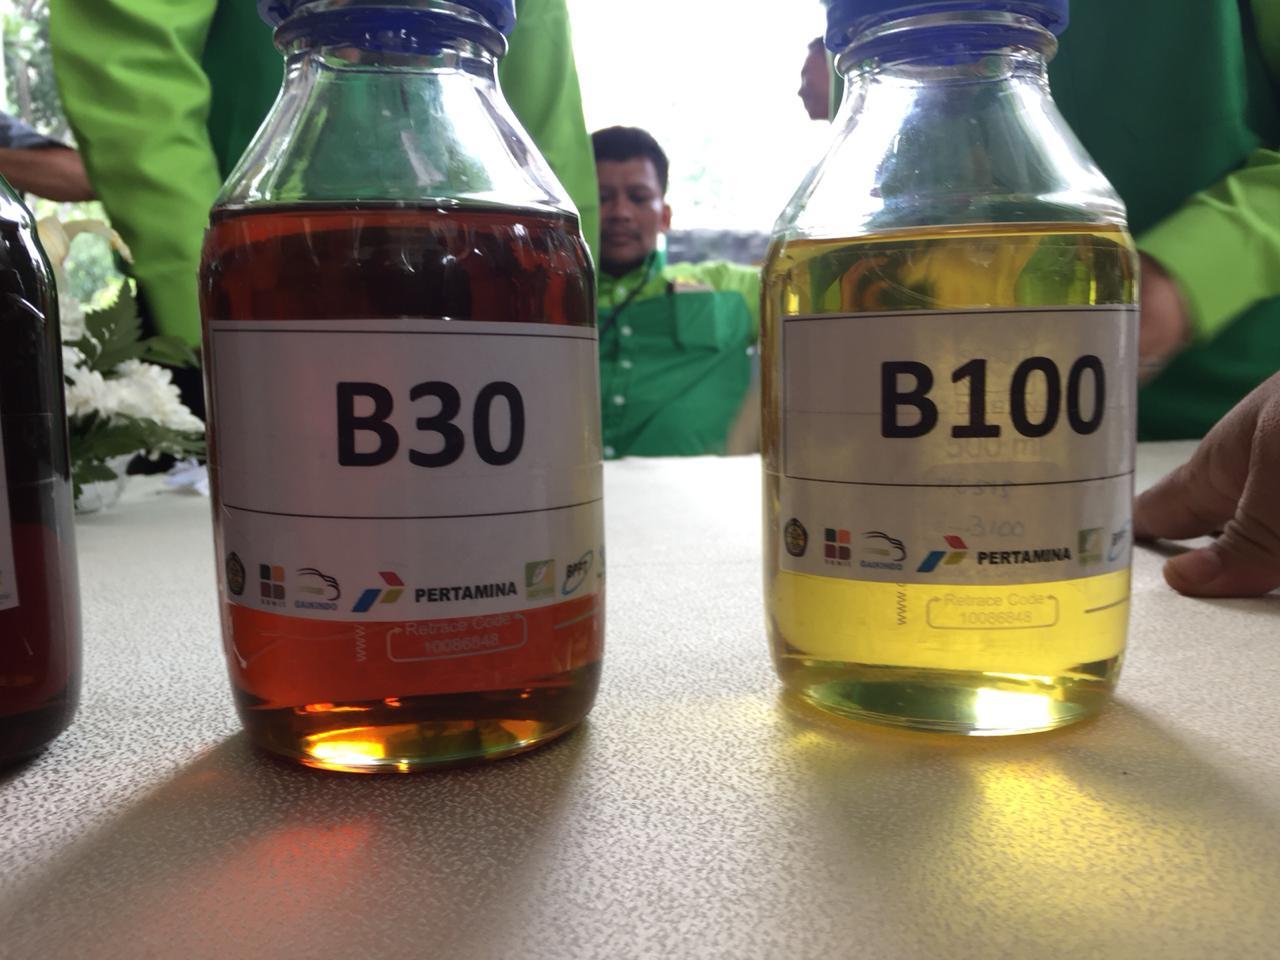 https: img.okezone.com content 2020 04 23 320 2203651 di-tengah-covid-19-penyerapan-biodiesel-capai-2-17-juta-k-l-pada-kuartal-i-2020-TldS6NeFDZ.jpg